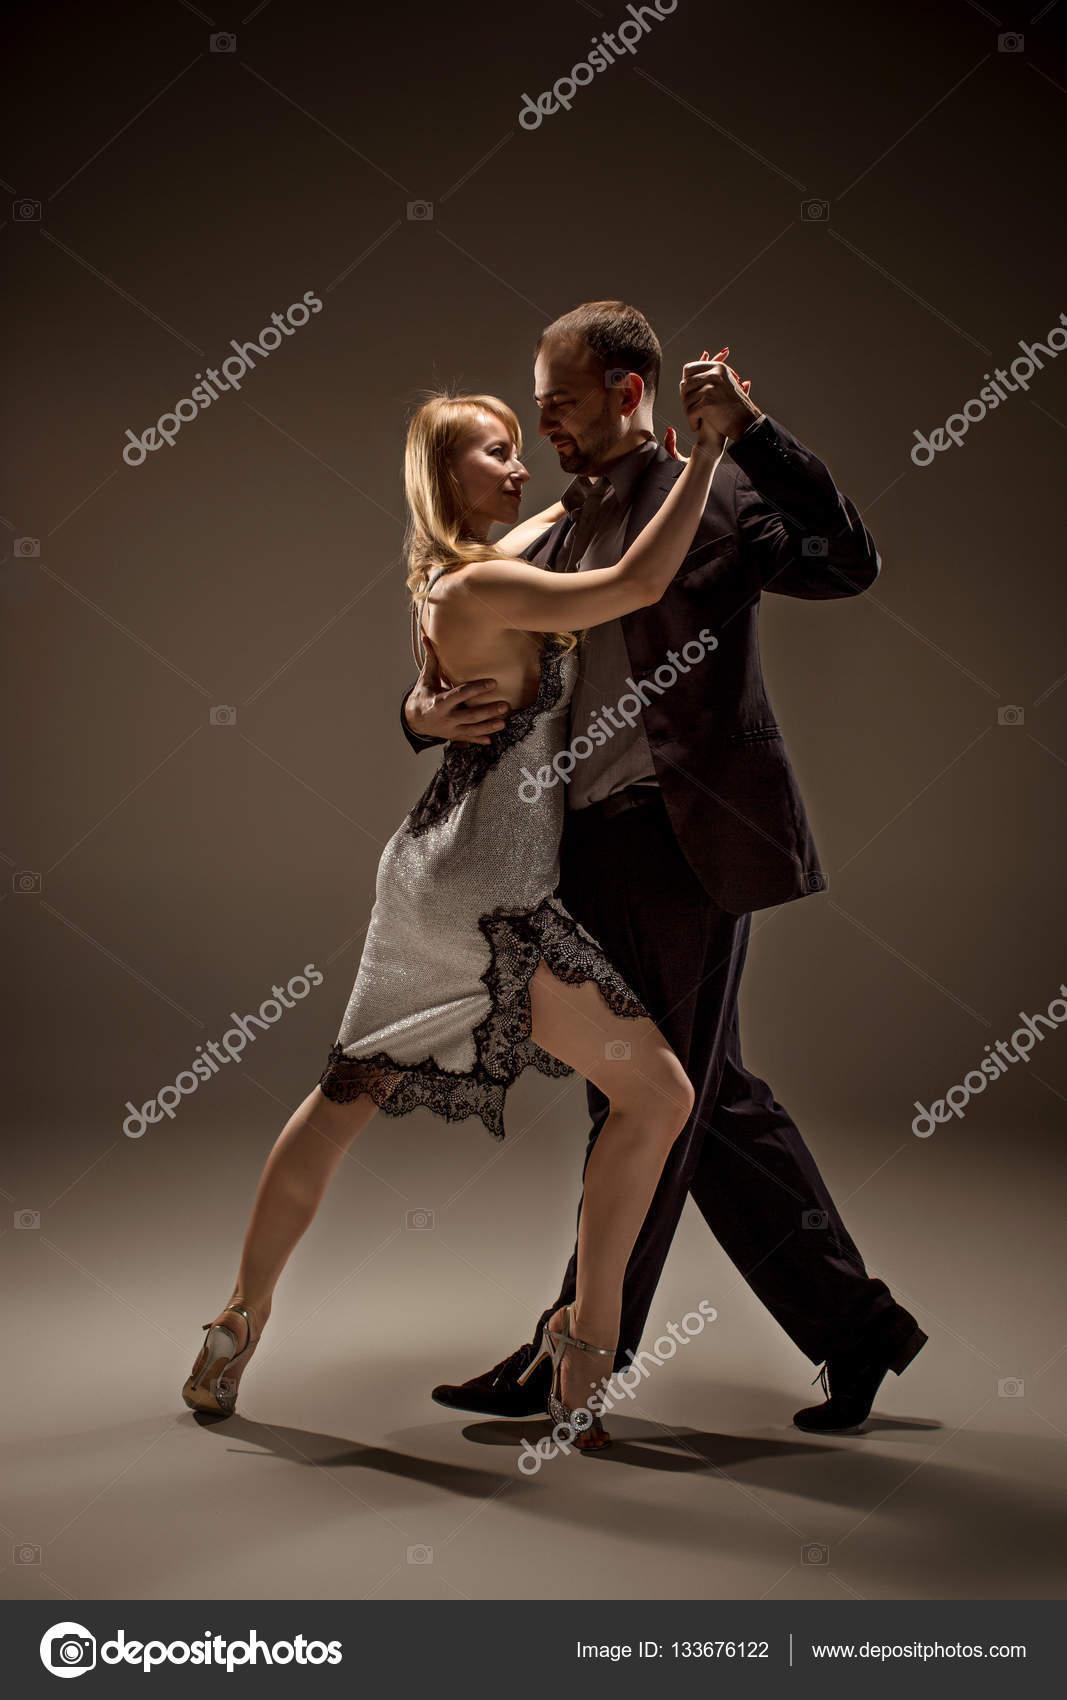 Красивое сексуальное аргентинское танго танец